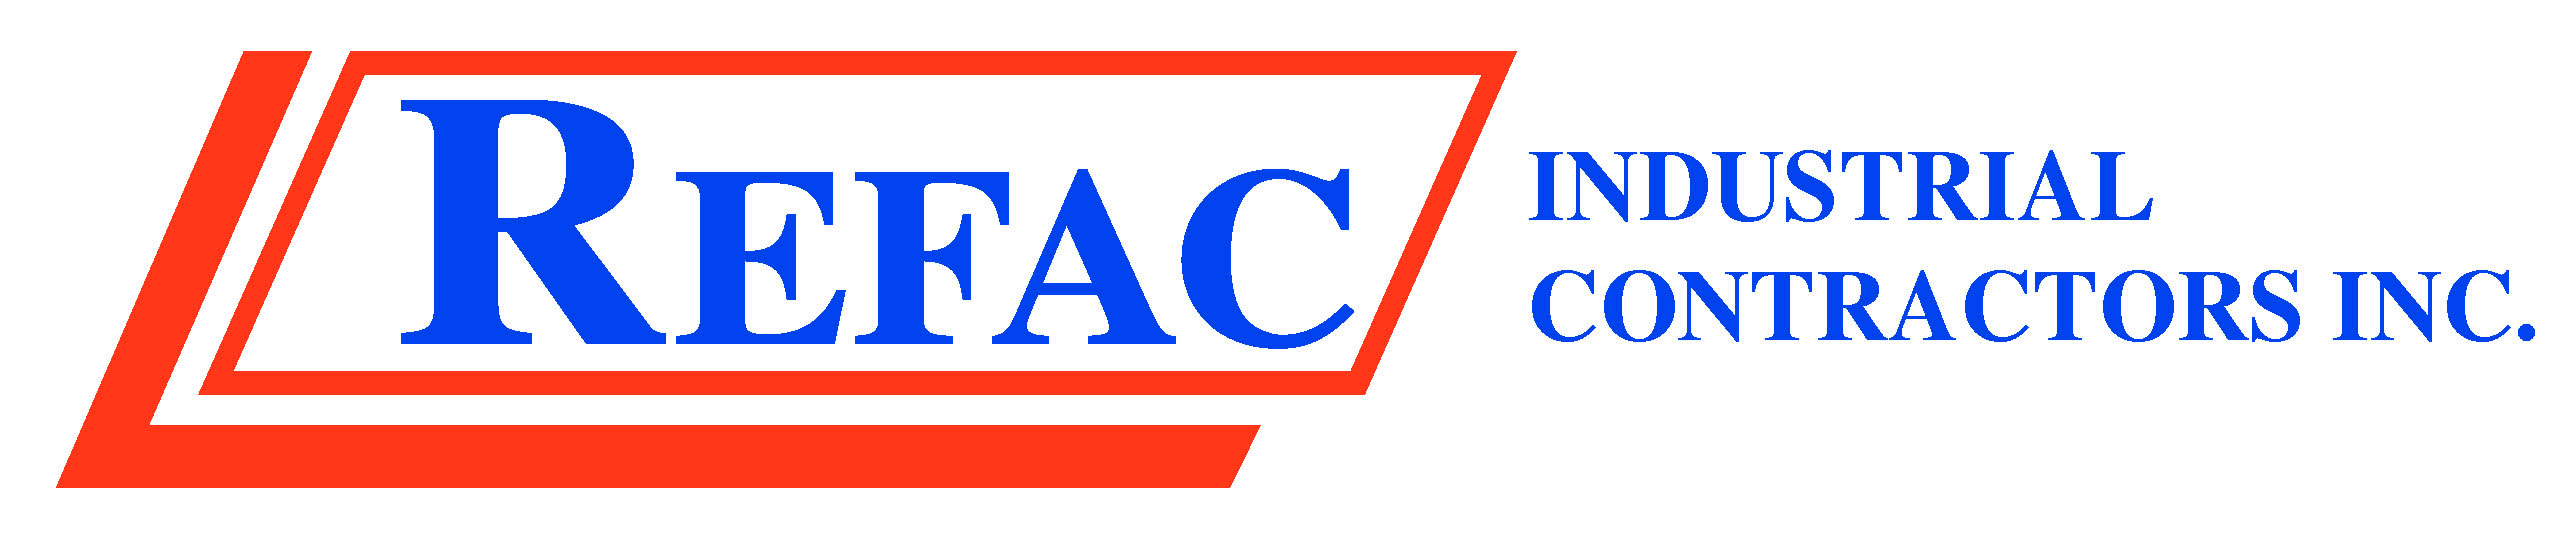 REFAC Industrial Contractors Inc.